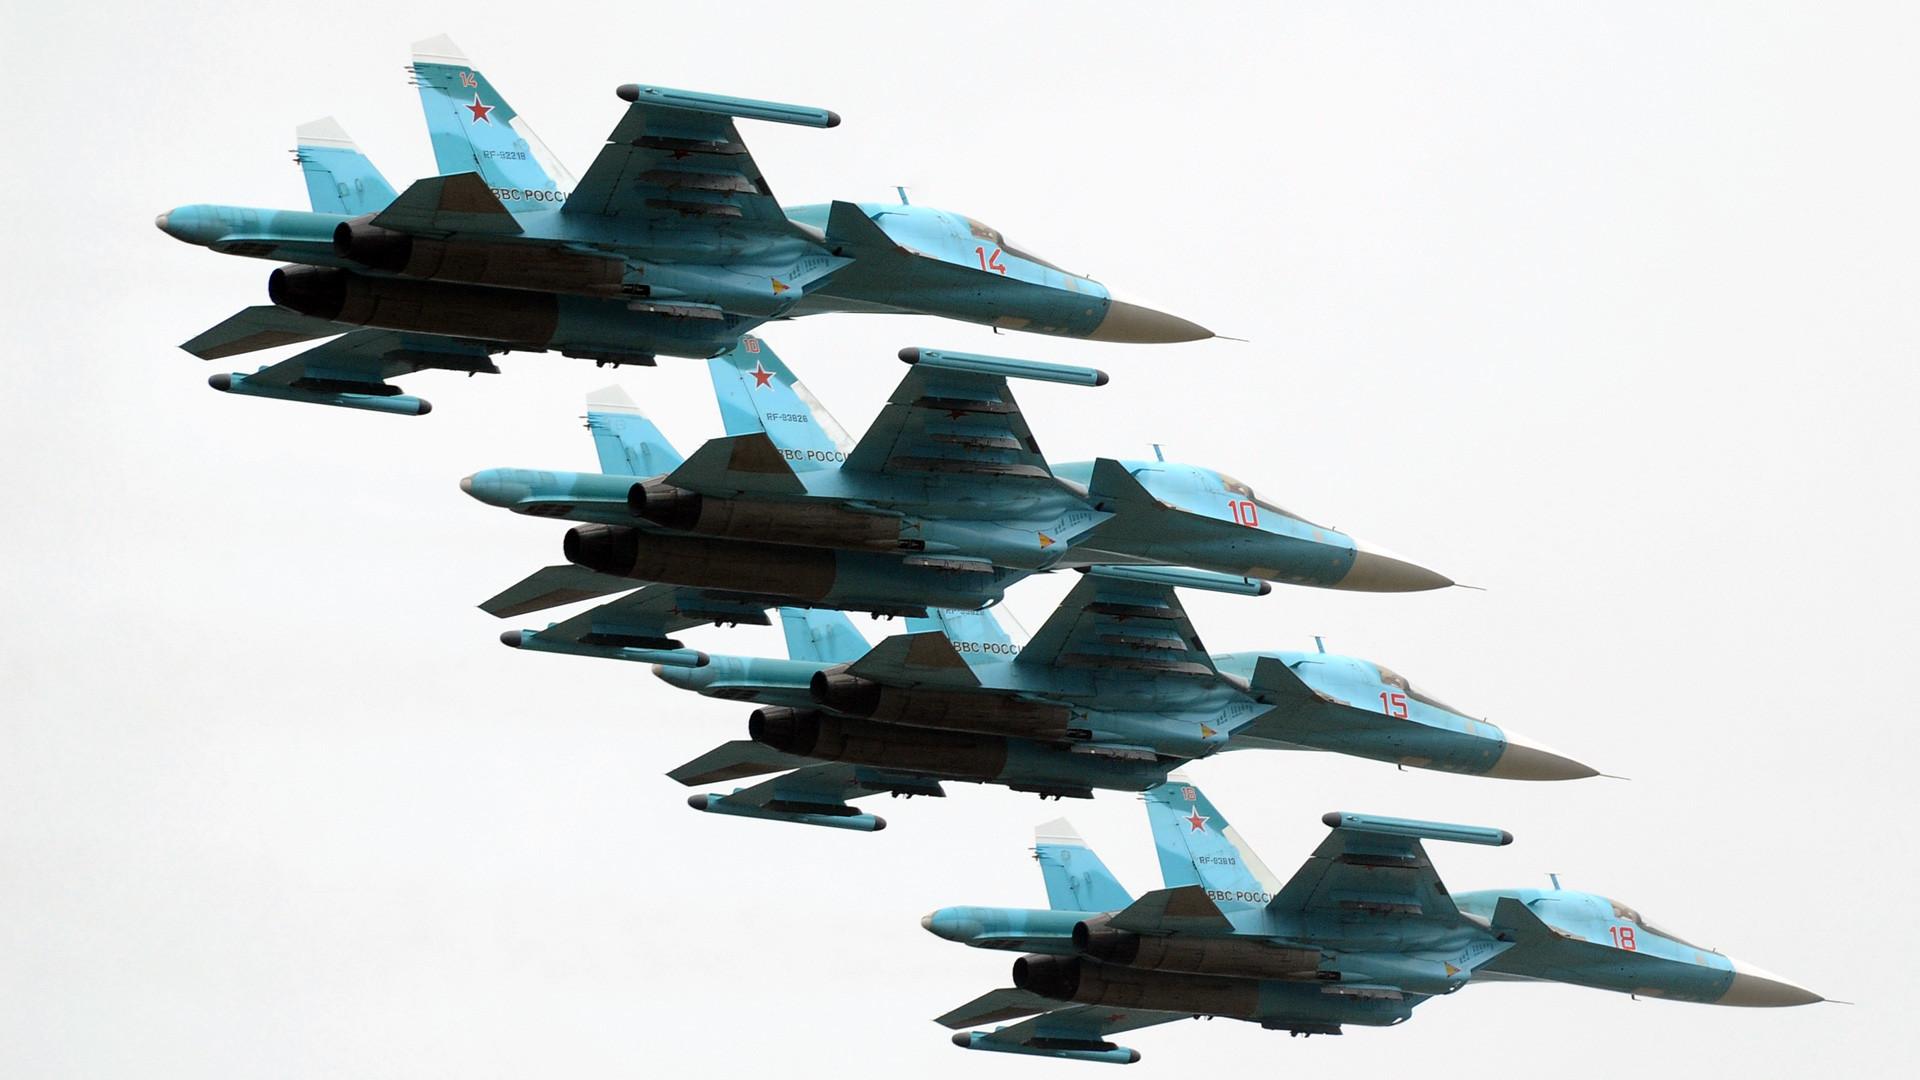 Bomber Su-34 saat perayaan 75 tahun dibentuknya Pasukan Pertahanan Udara Rusia Keempat.